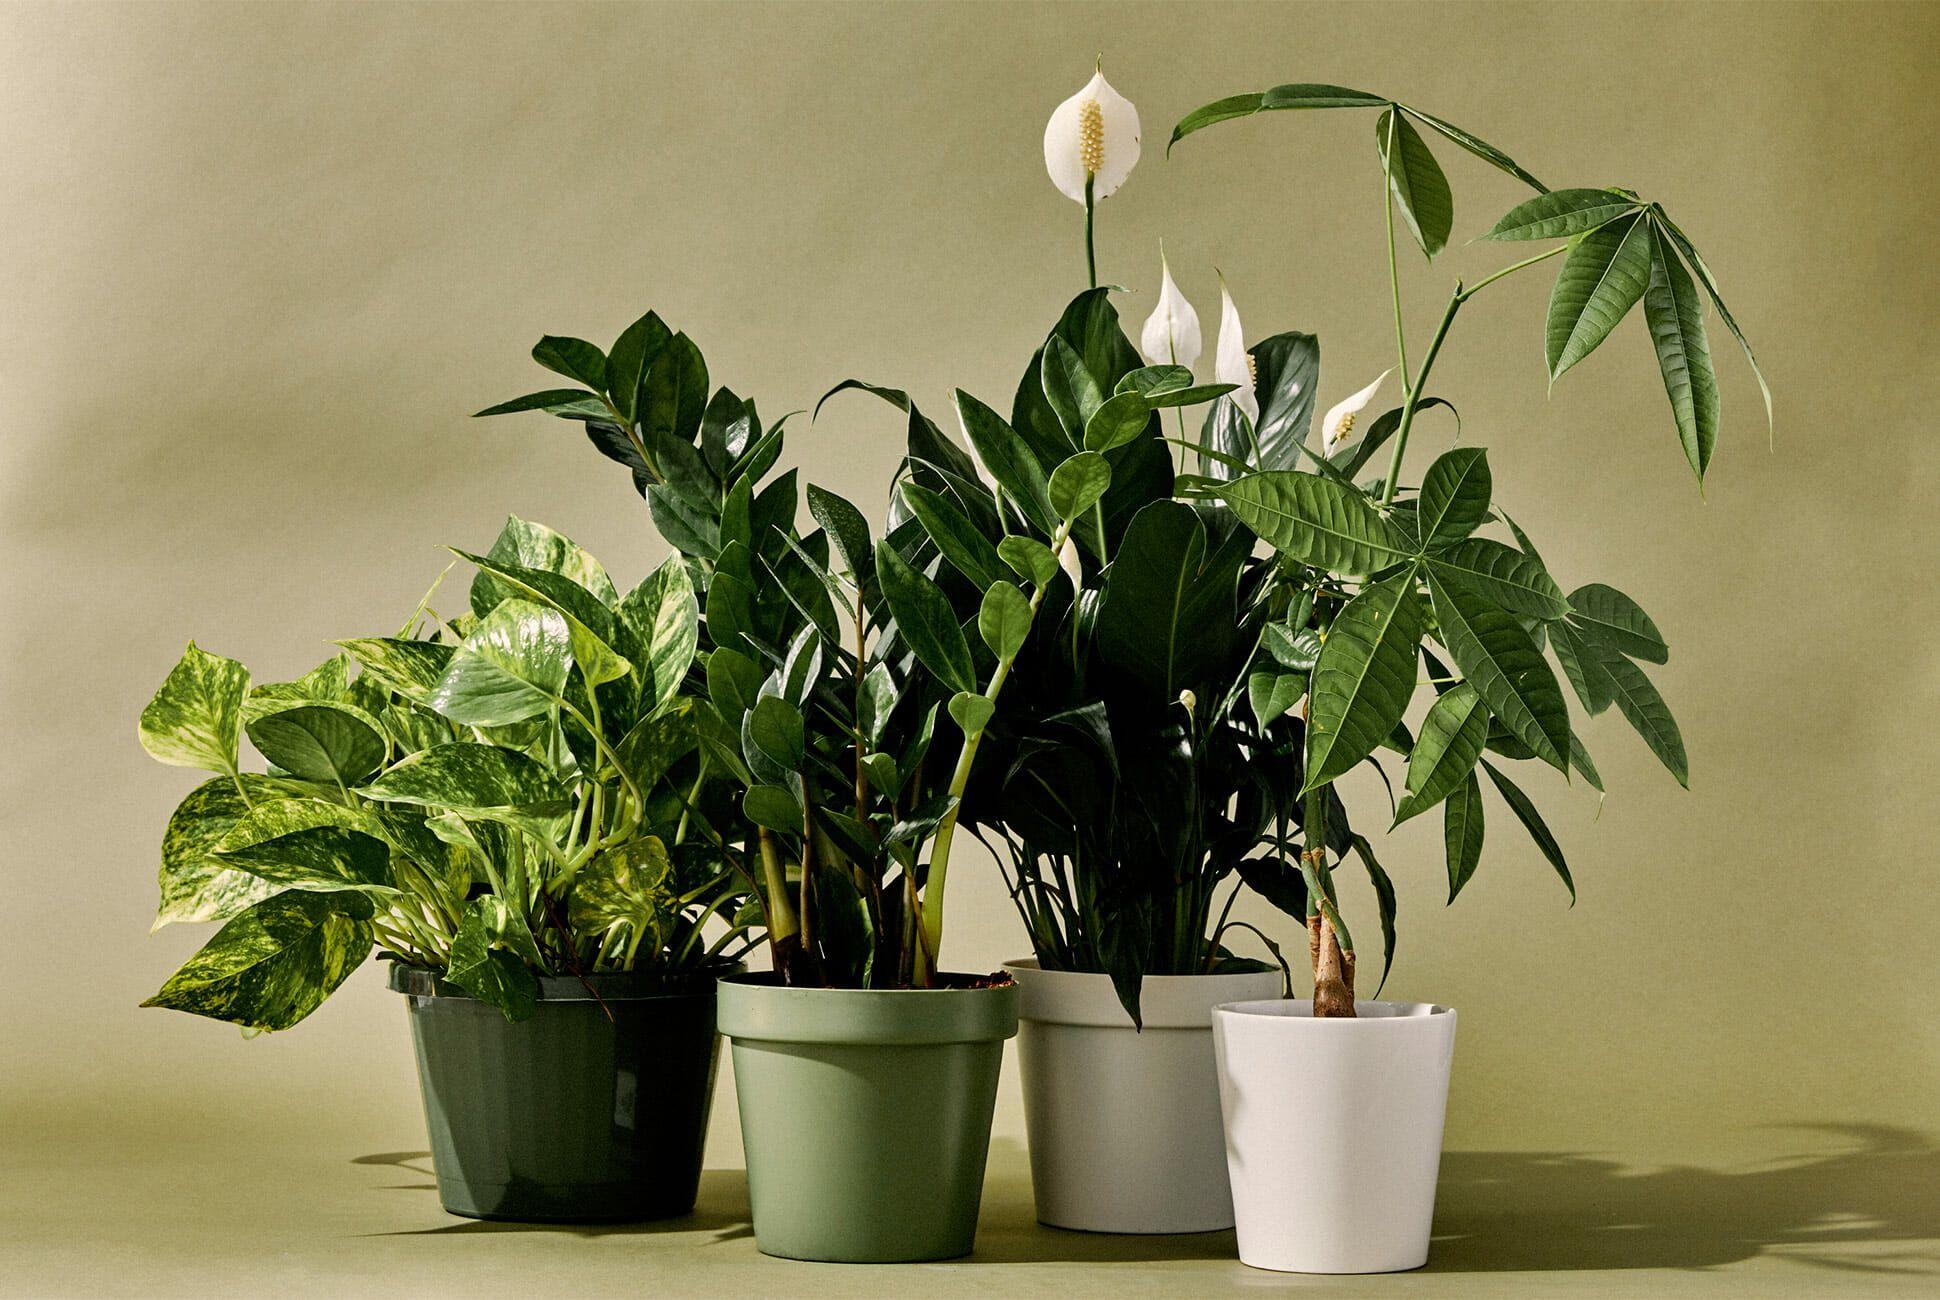 Types of Indoor Plants